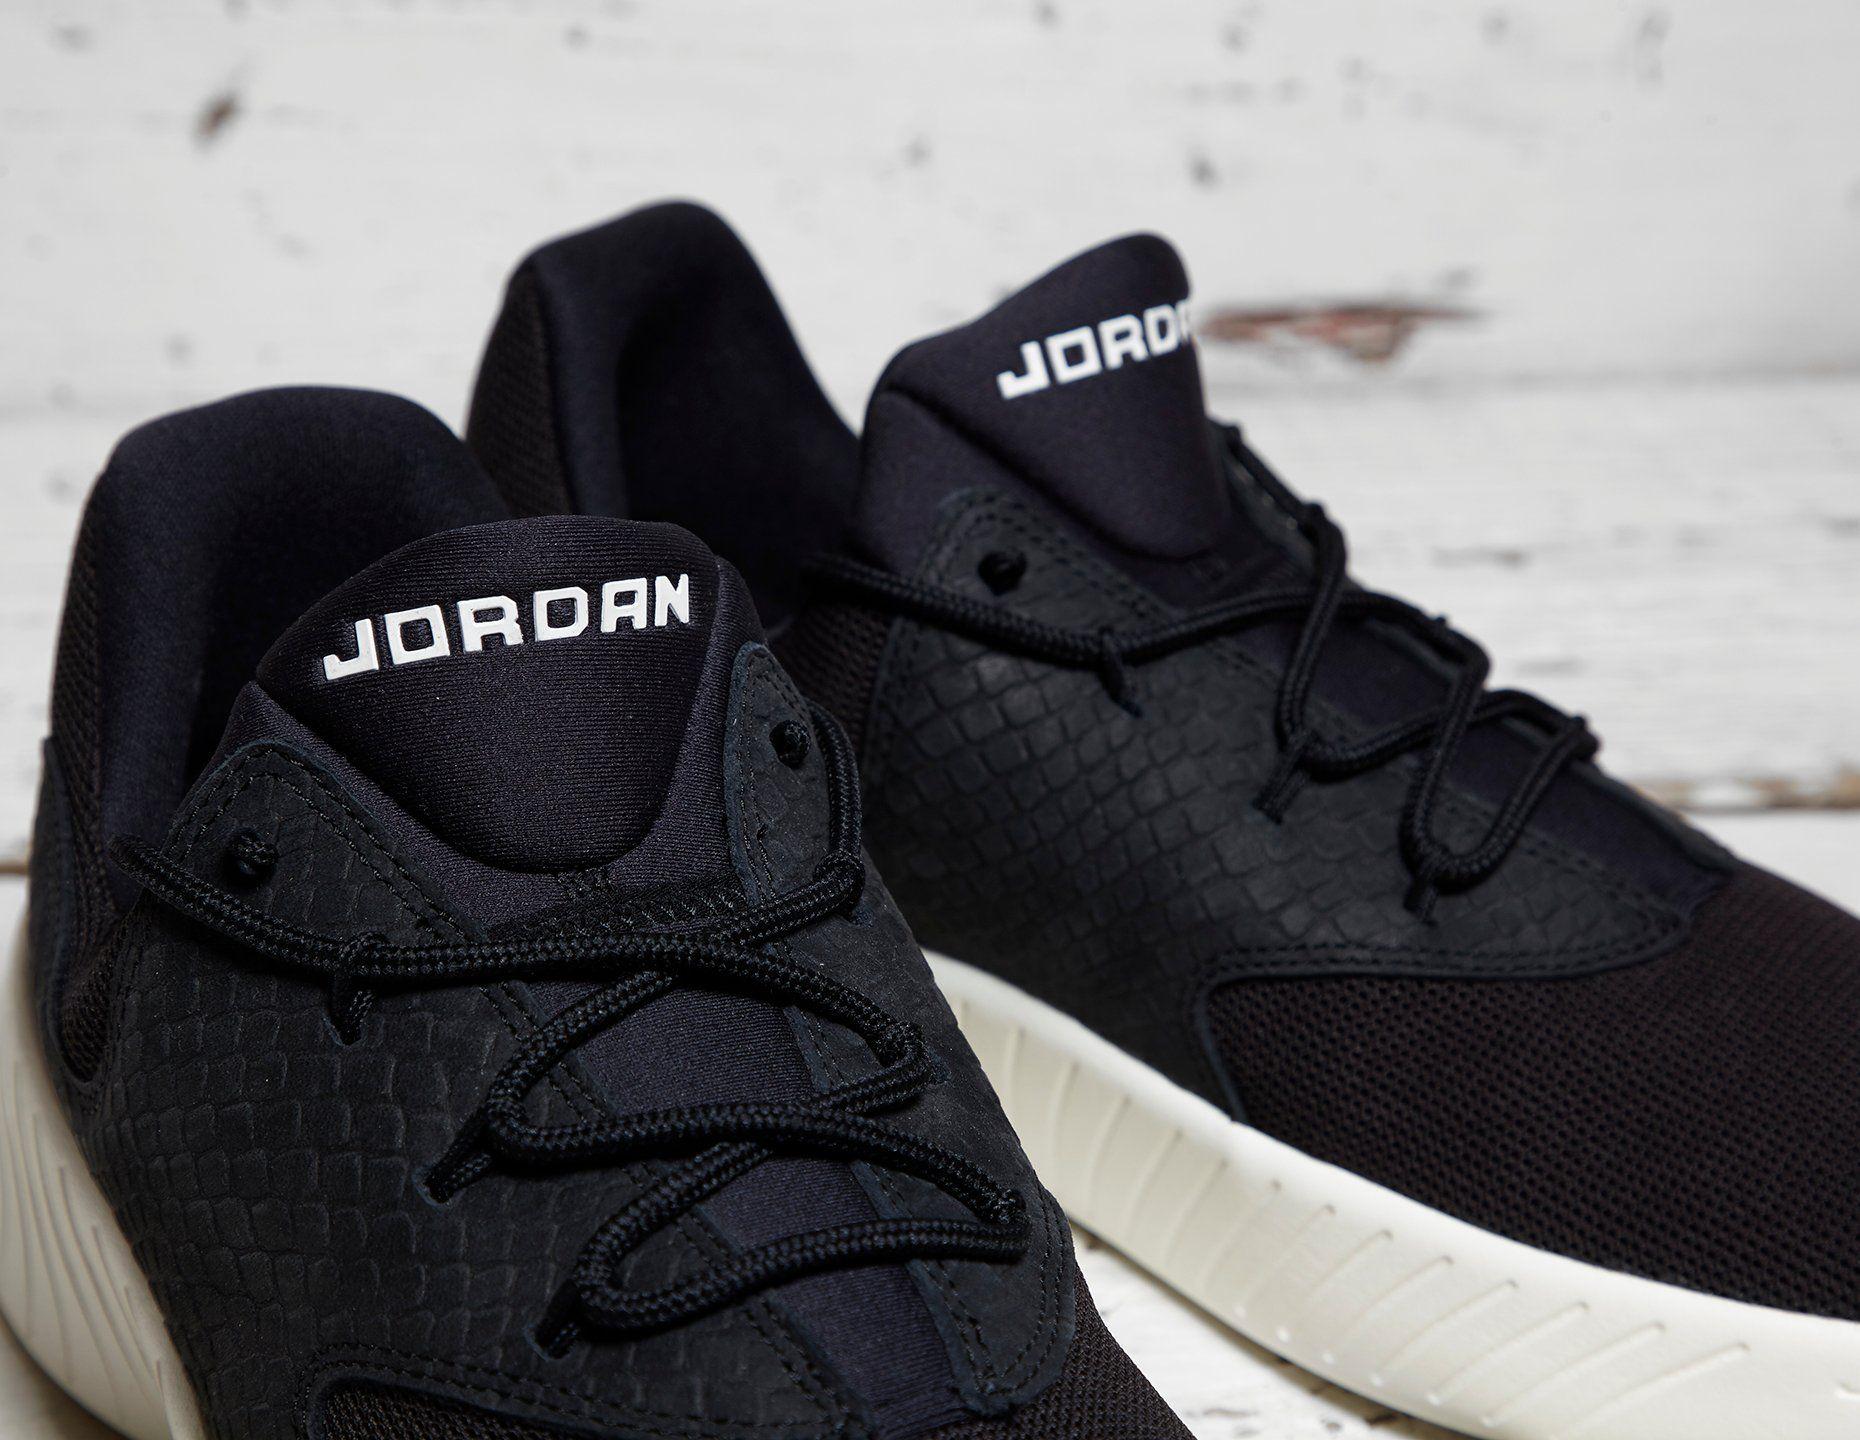 Jordan 23 Low